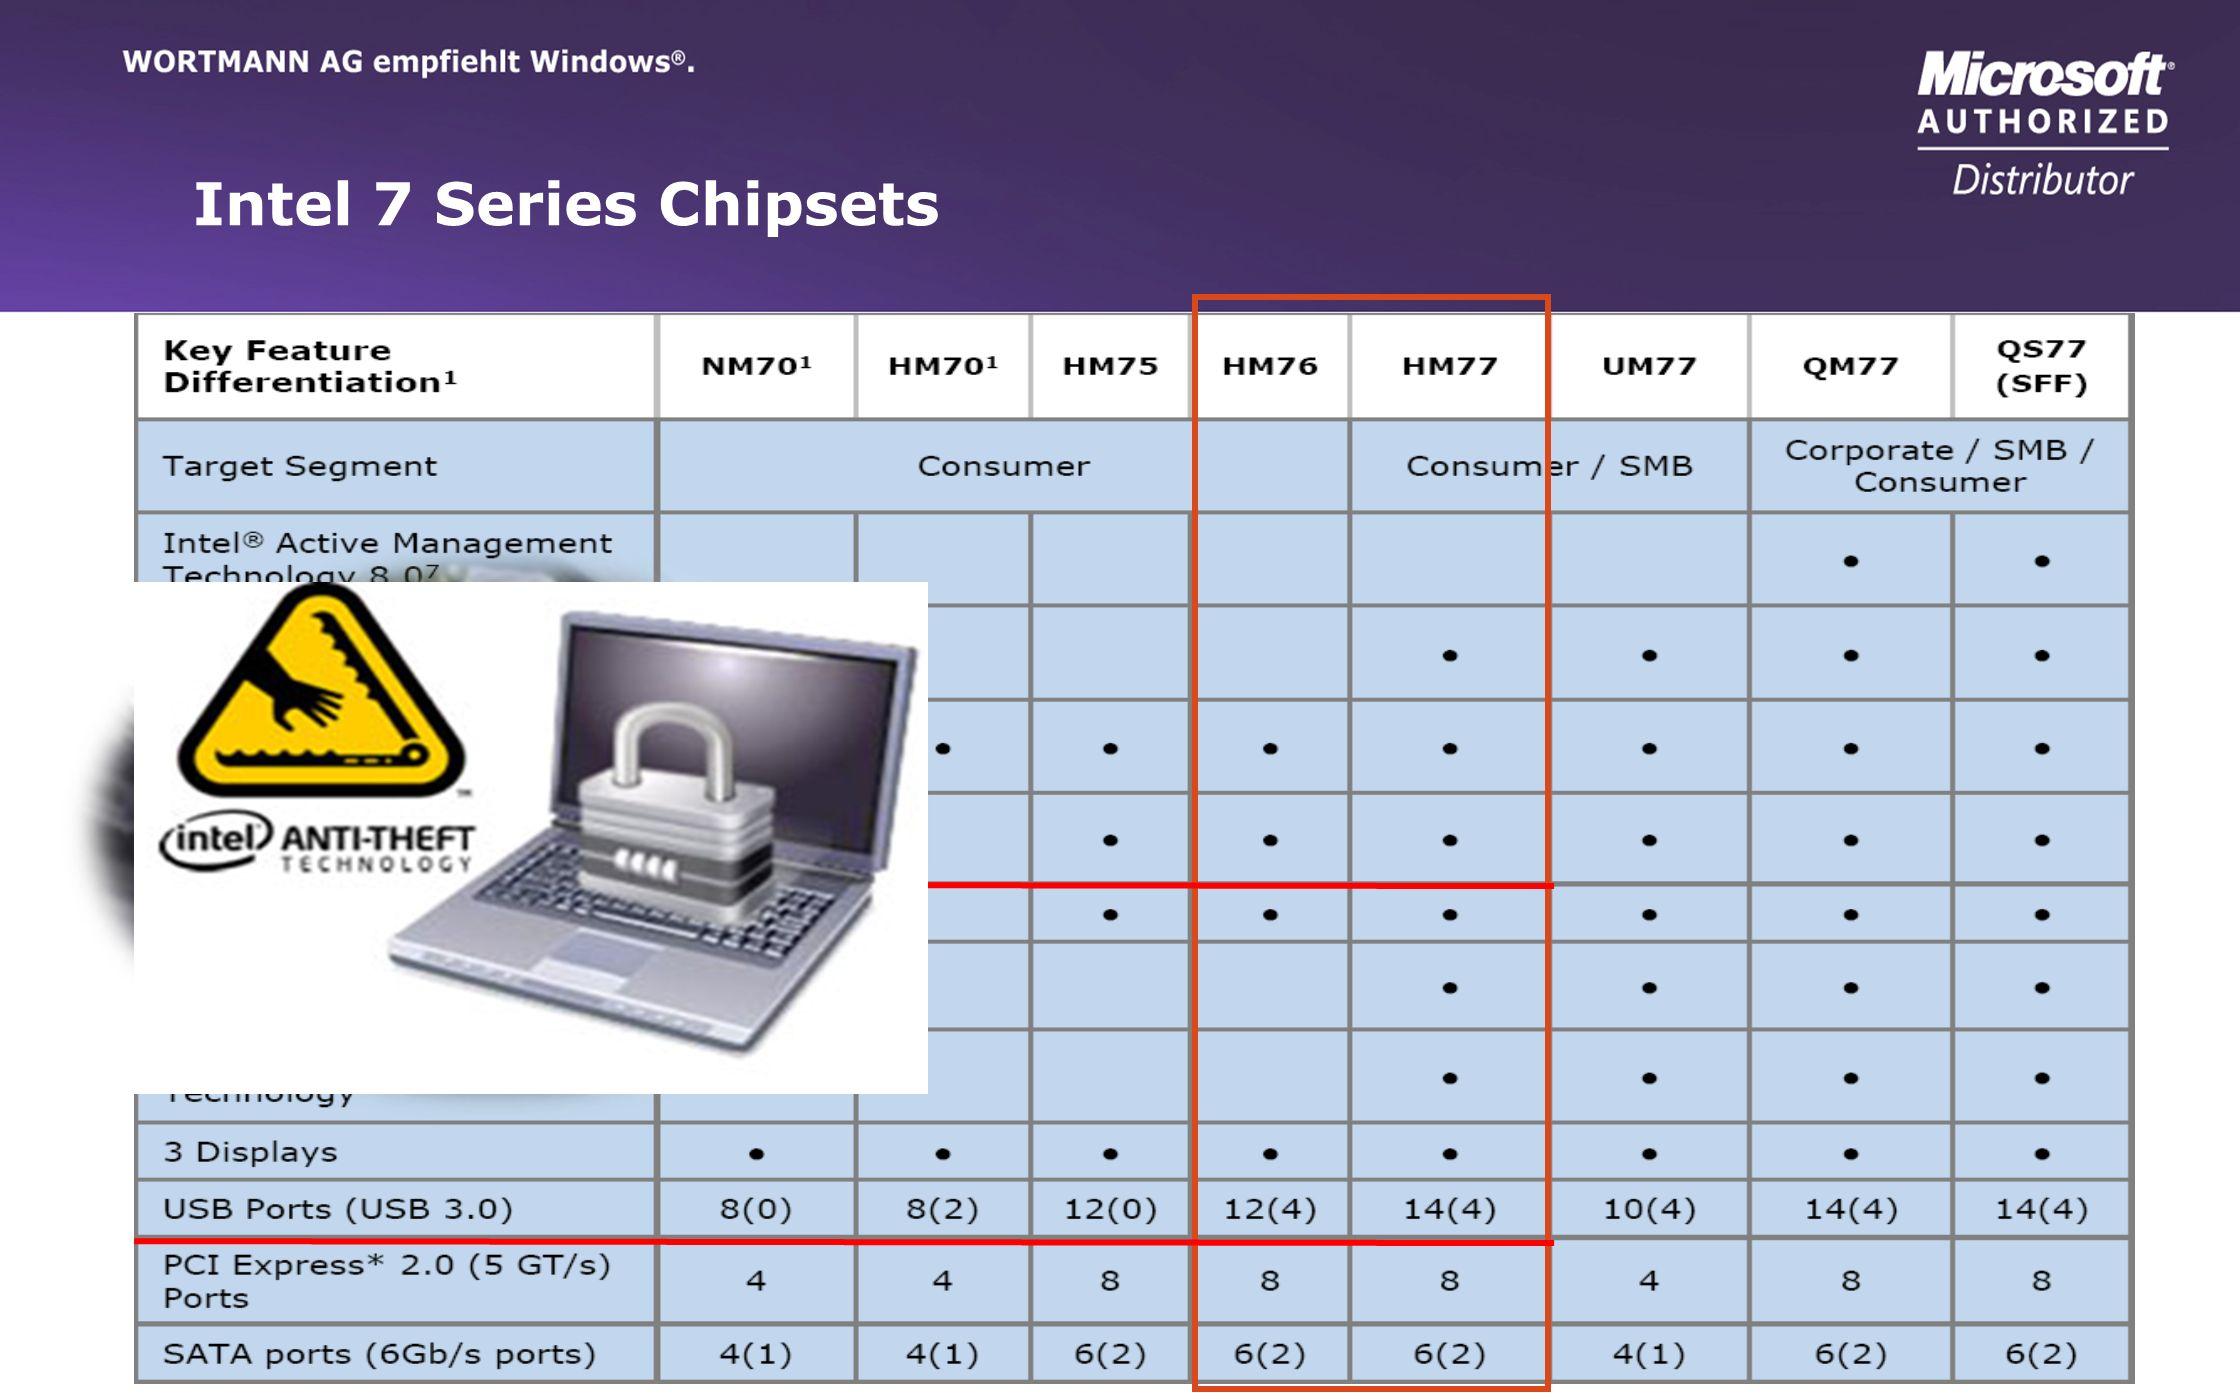 www.wortmann.de TERRA Notebooks - Die richtige Lösung für jede Umgebung TERRA MOBILE UPDATE INFORMATION Q3/Q4 2012